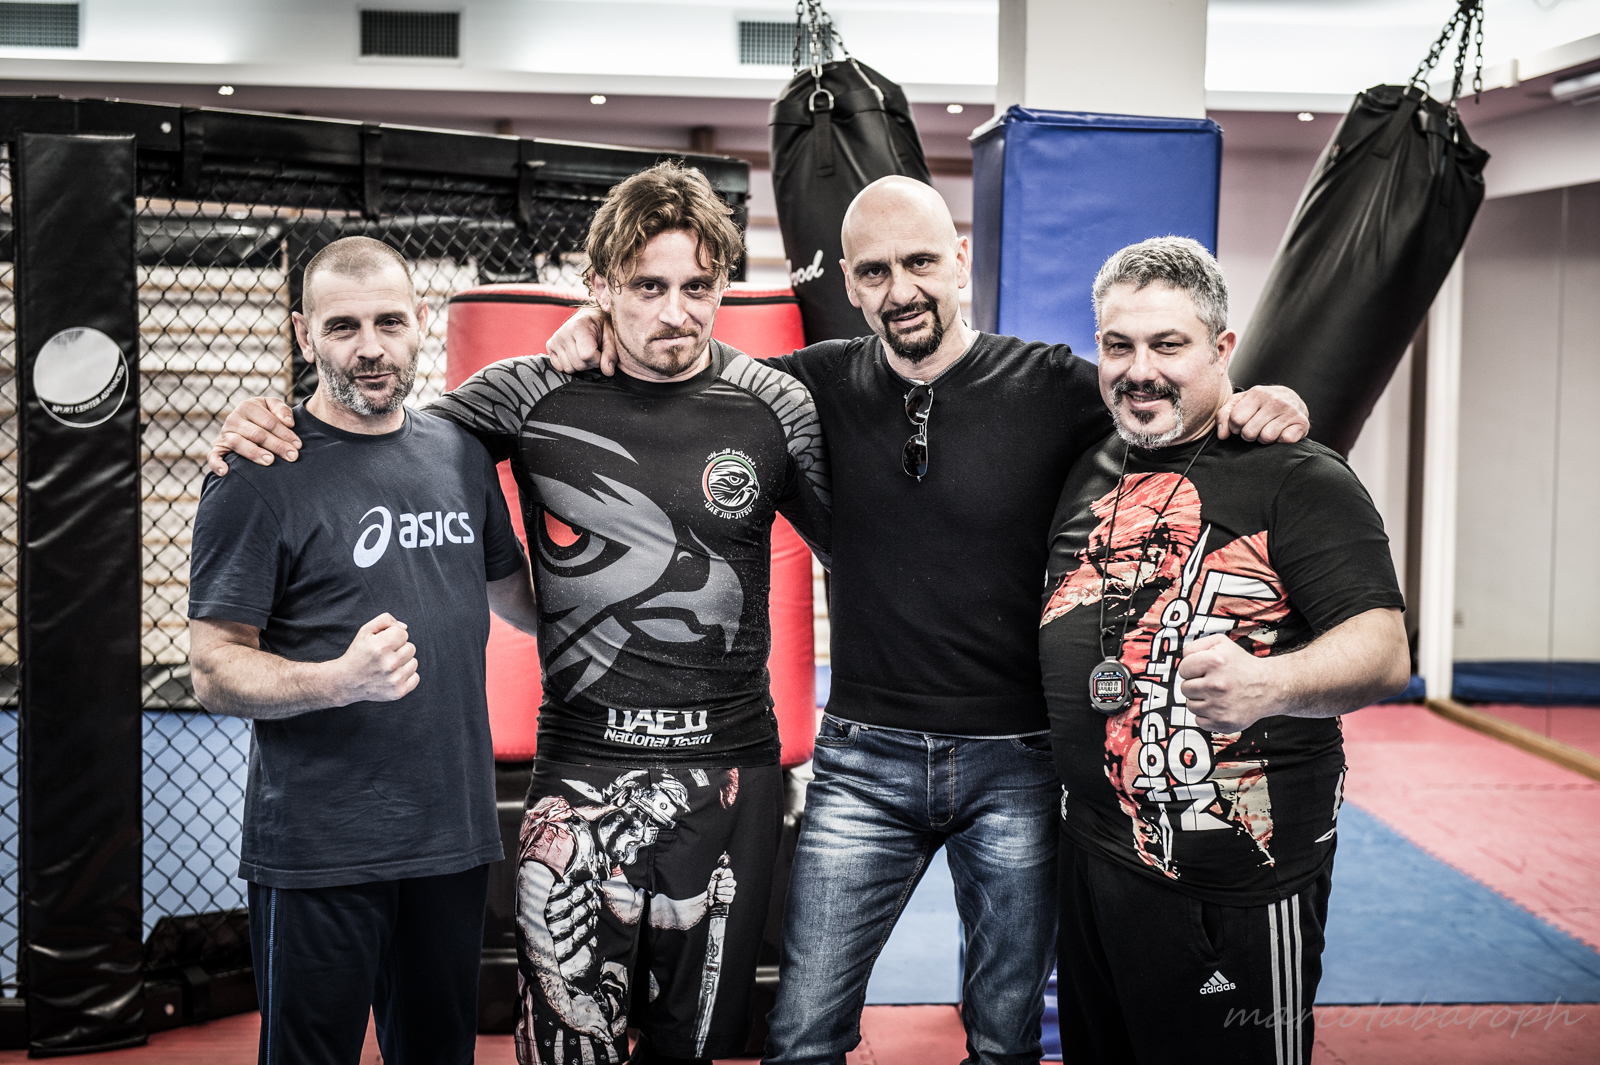 gruppo dei tecnici: Paolo Pillot, Giuliano Pavan, GB Boer e Gianpaolo Puggioni